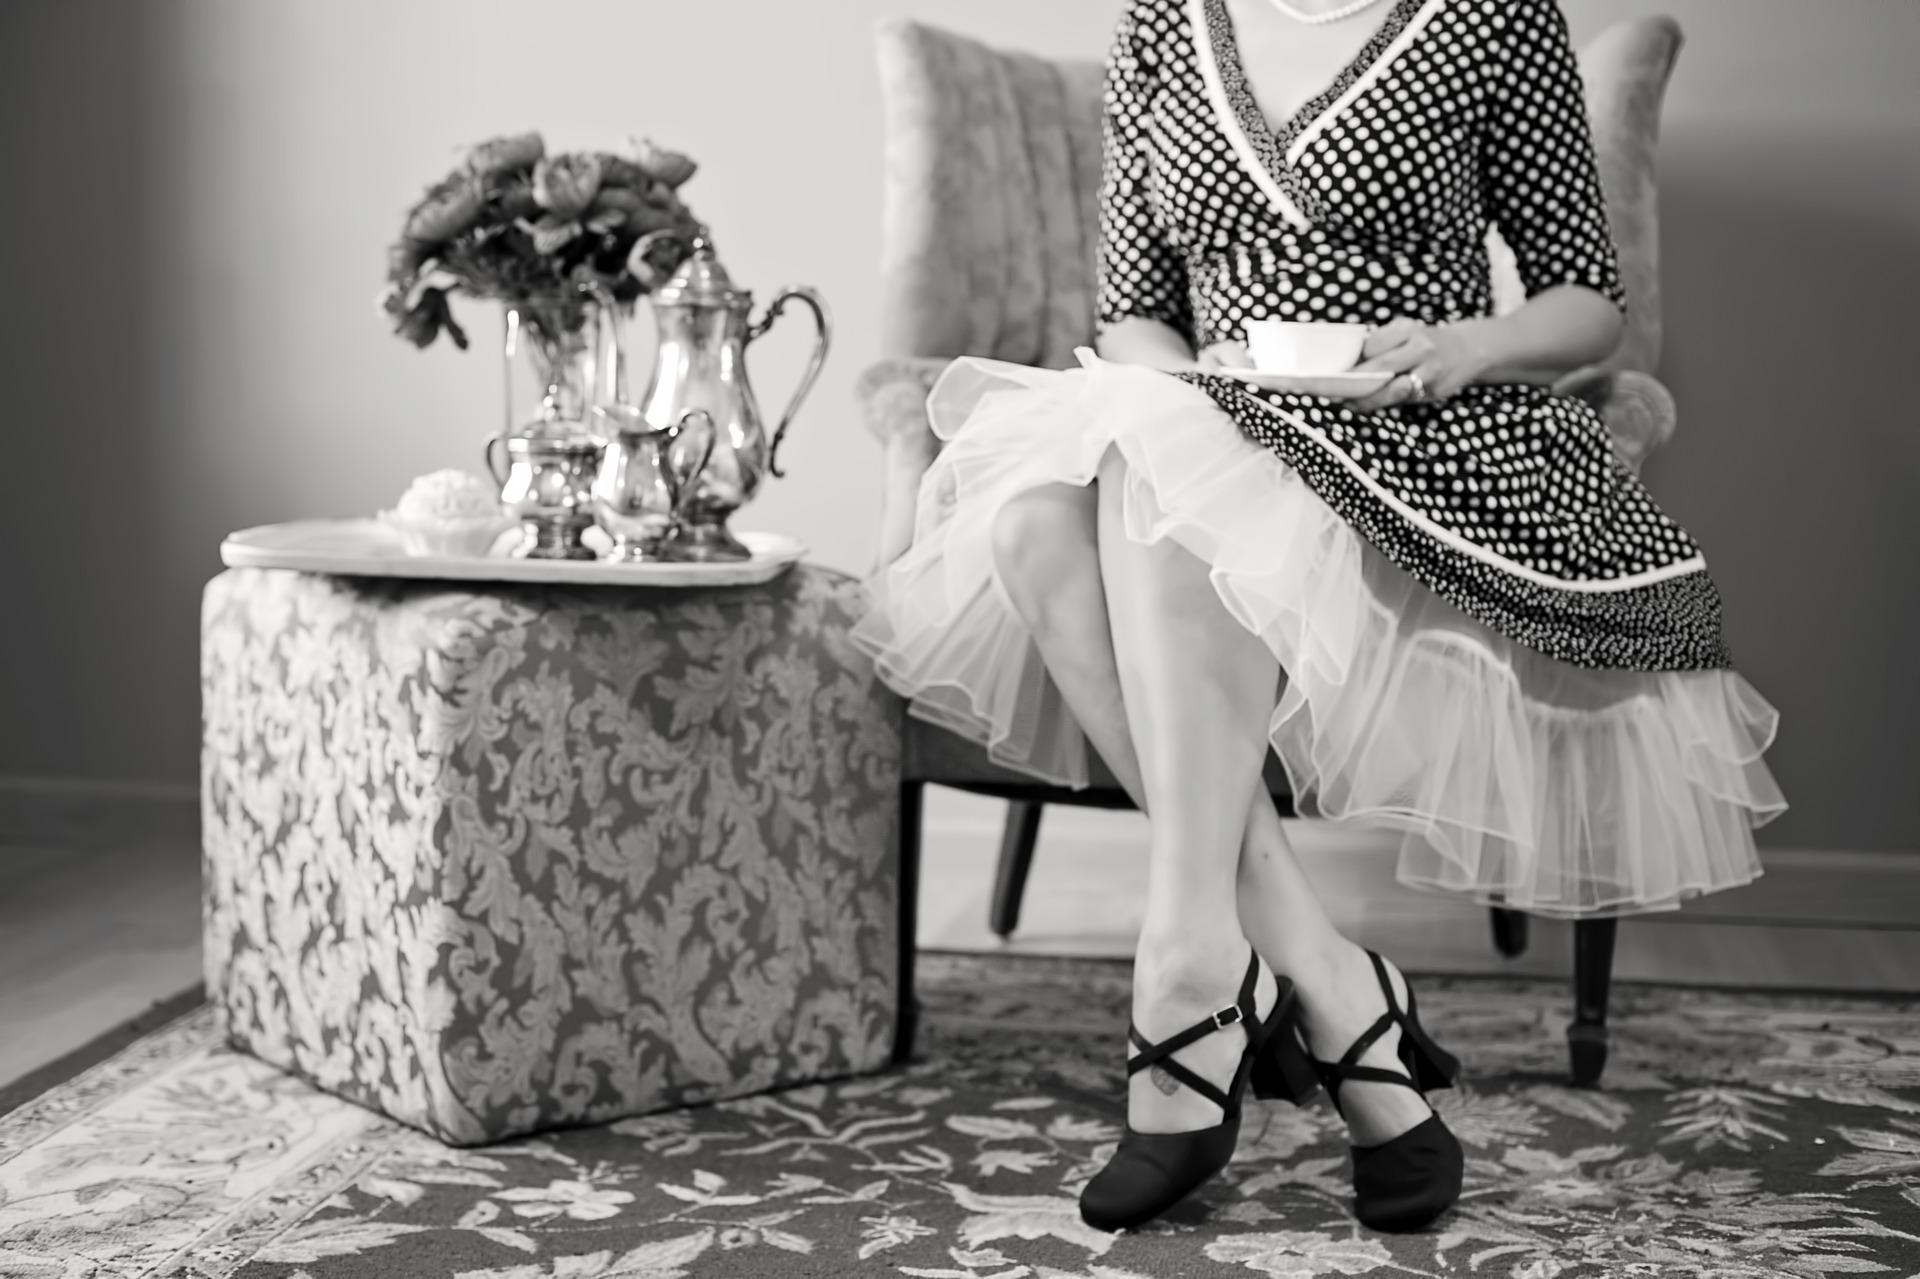 Imagem preto e branco de mulher sentada em cadeira, segurando uma xícara com jogo de chá de prata ao lado